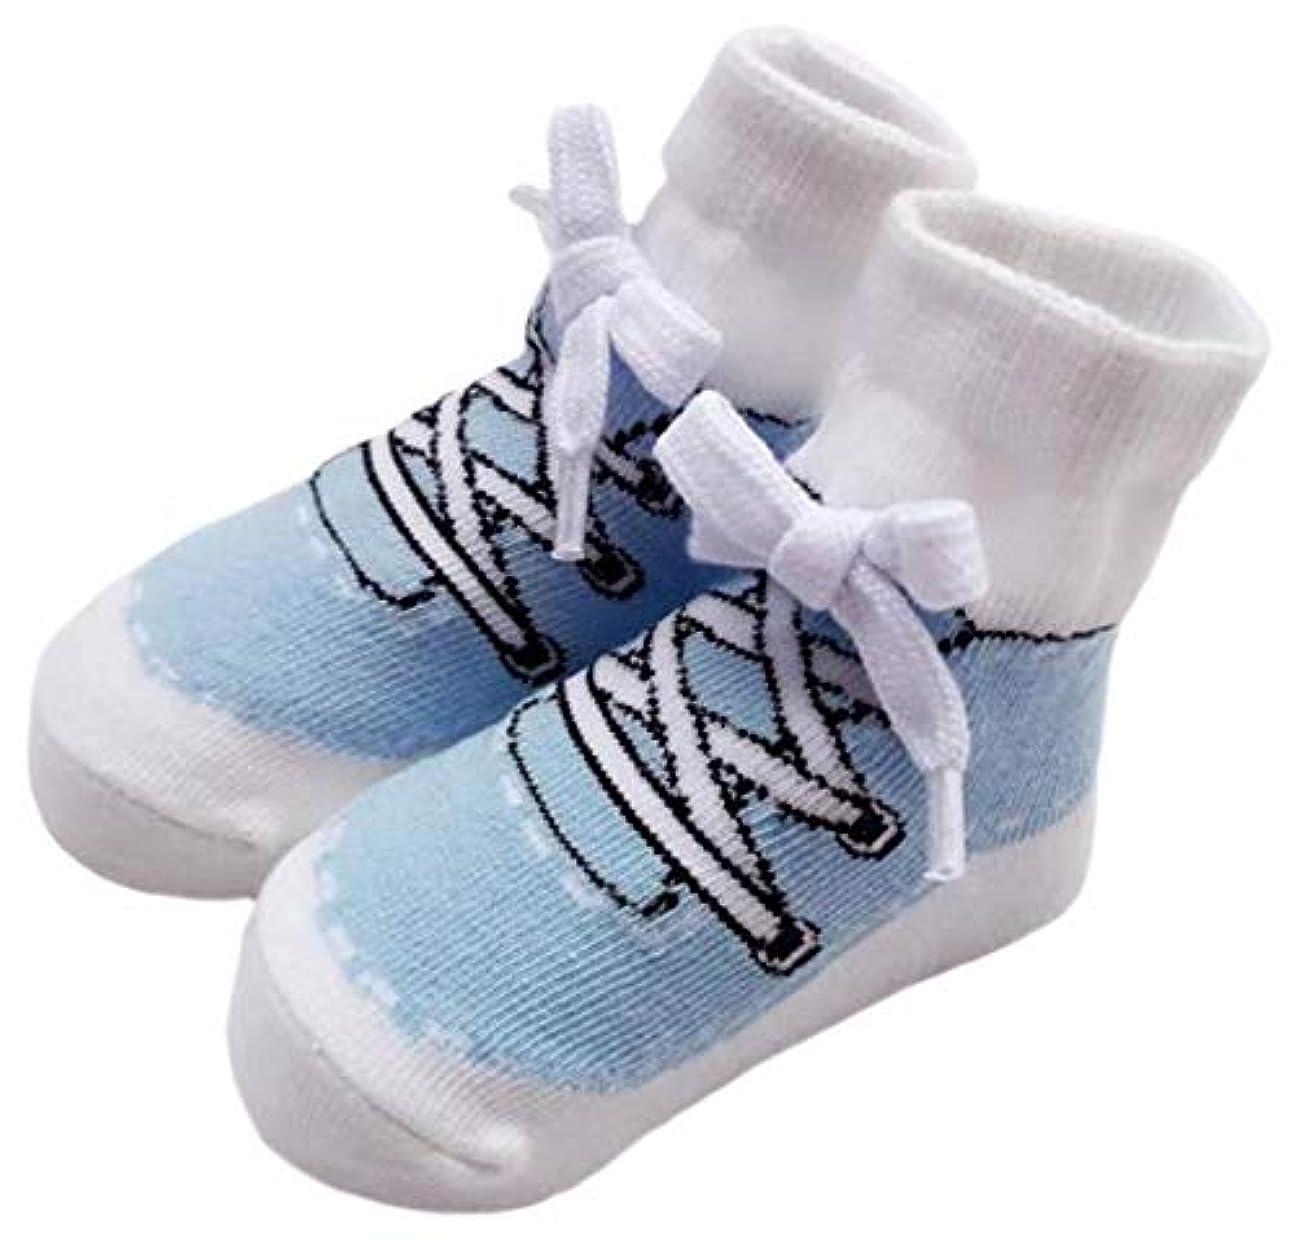 貝殻反毒手順ふく福 可愛い 綿 ベビー 靴下 キッズ用 足袋 ソックス 新生児 出産祝い 通学 子供用 カレッジ風 保温 秋冬 女の子 男の子 滑り止め付き